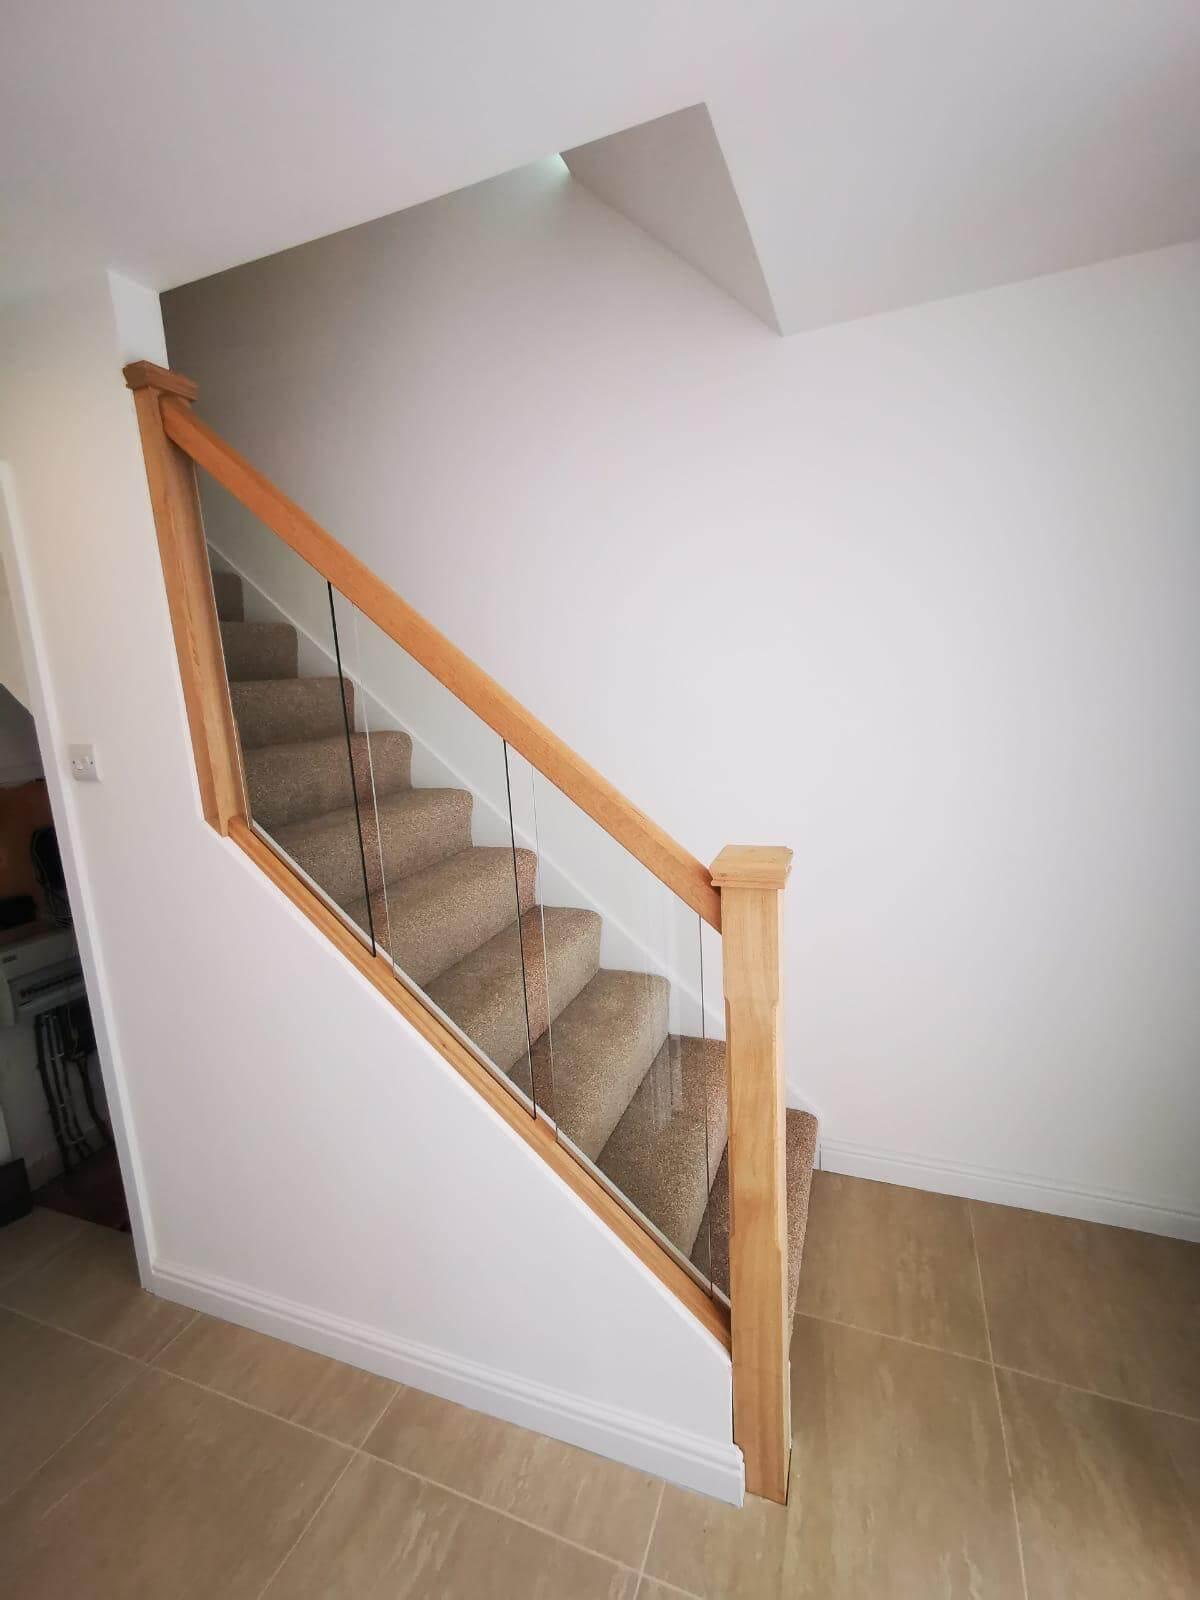 ground floor renovation by company FIX LTD Glasgow